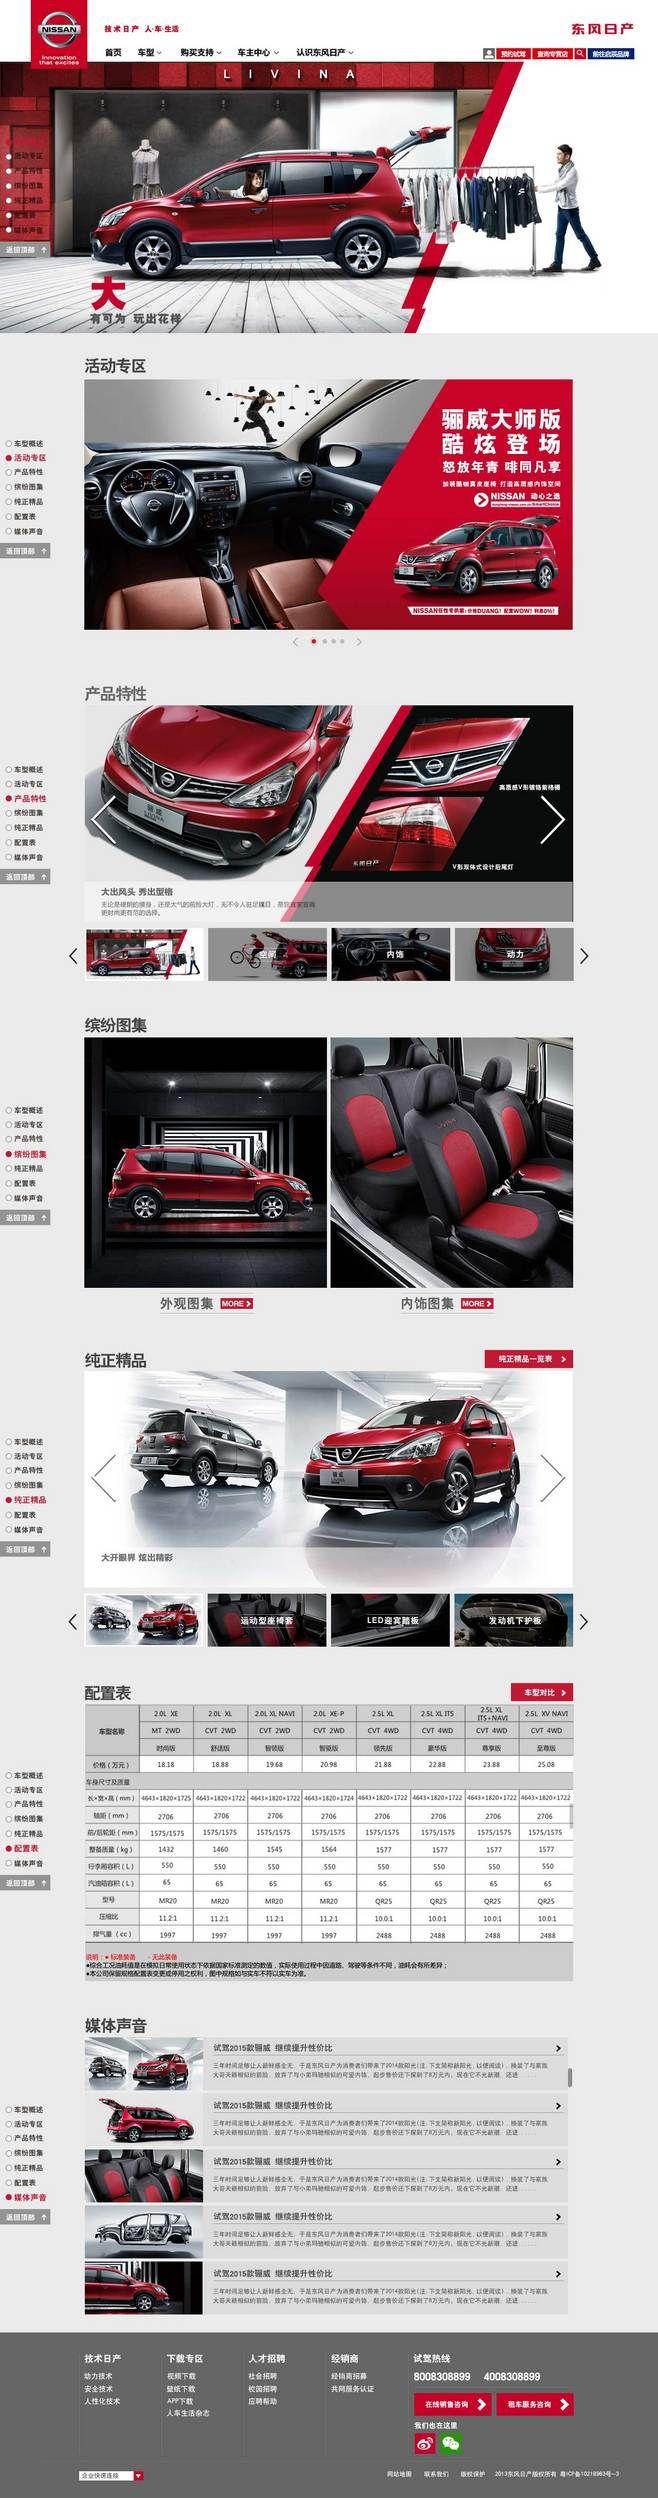 东风日产-骊威车型页